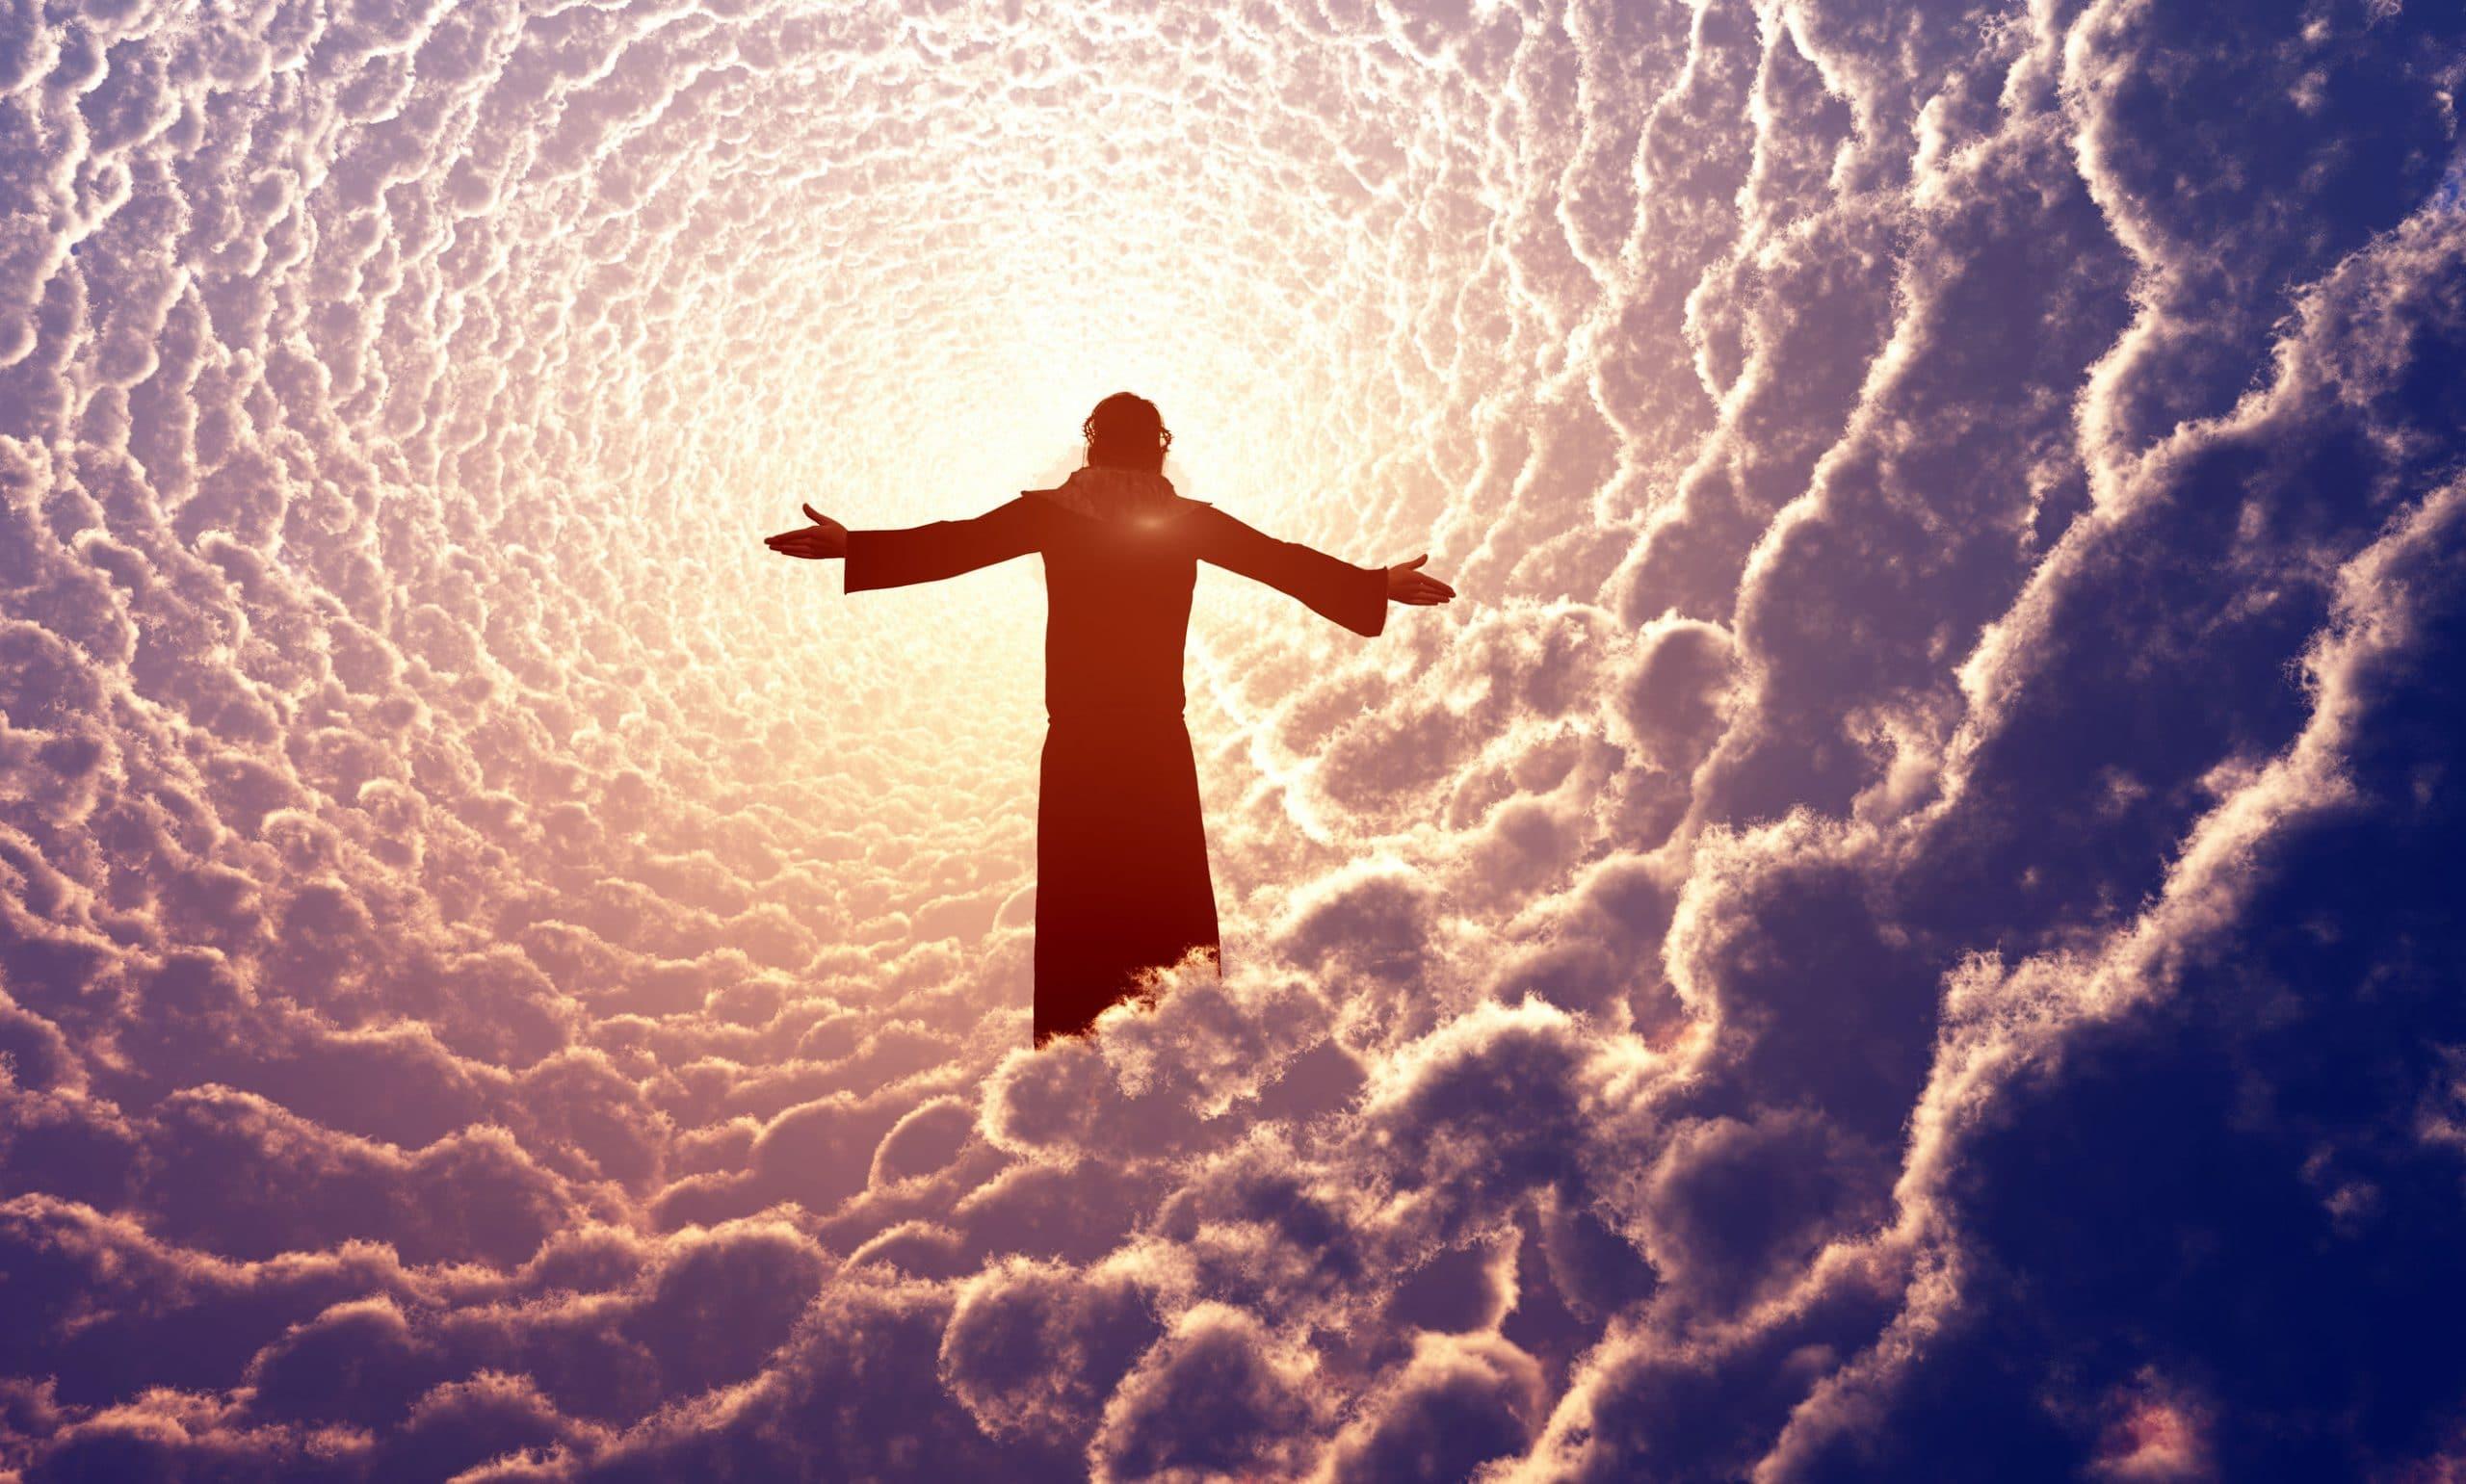 Silhueta de um ser de braços abertos em meio às nuvens.